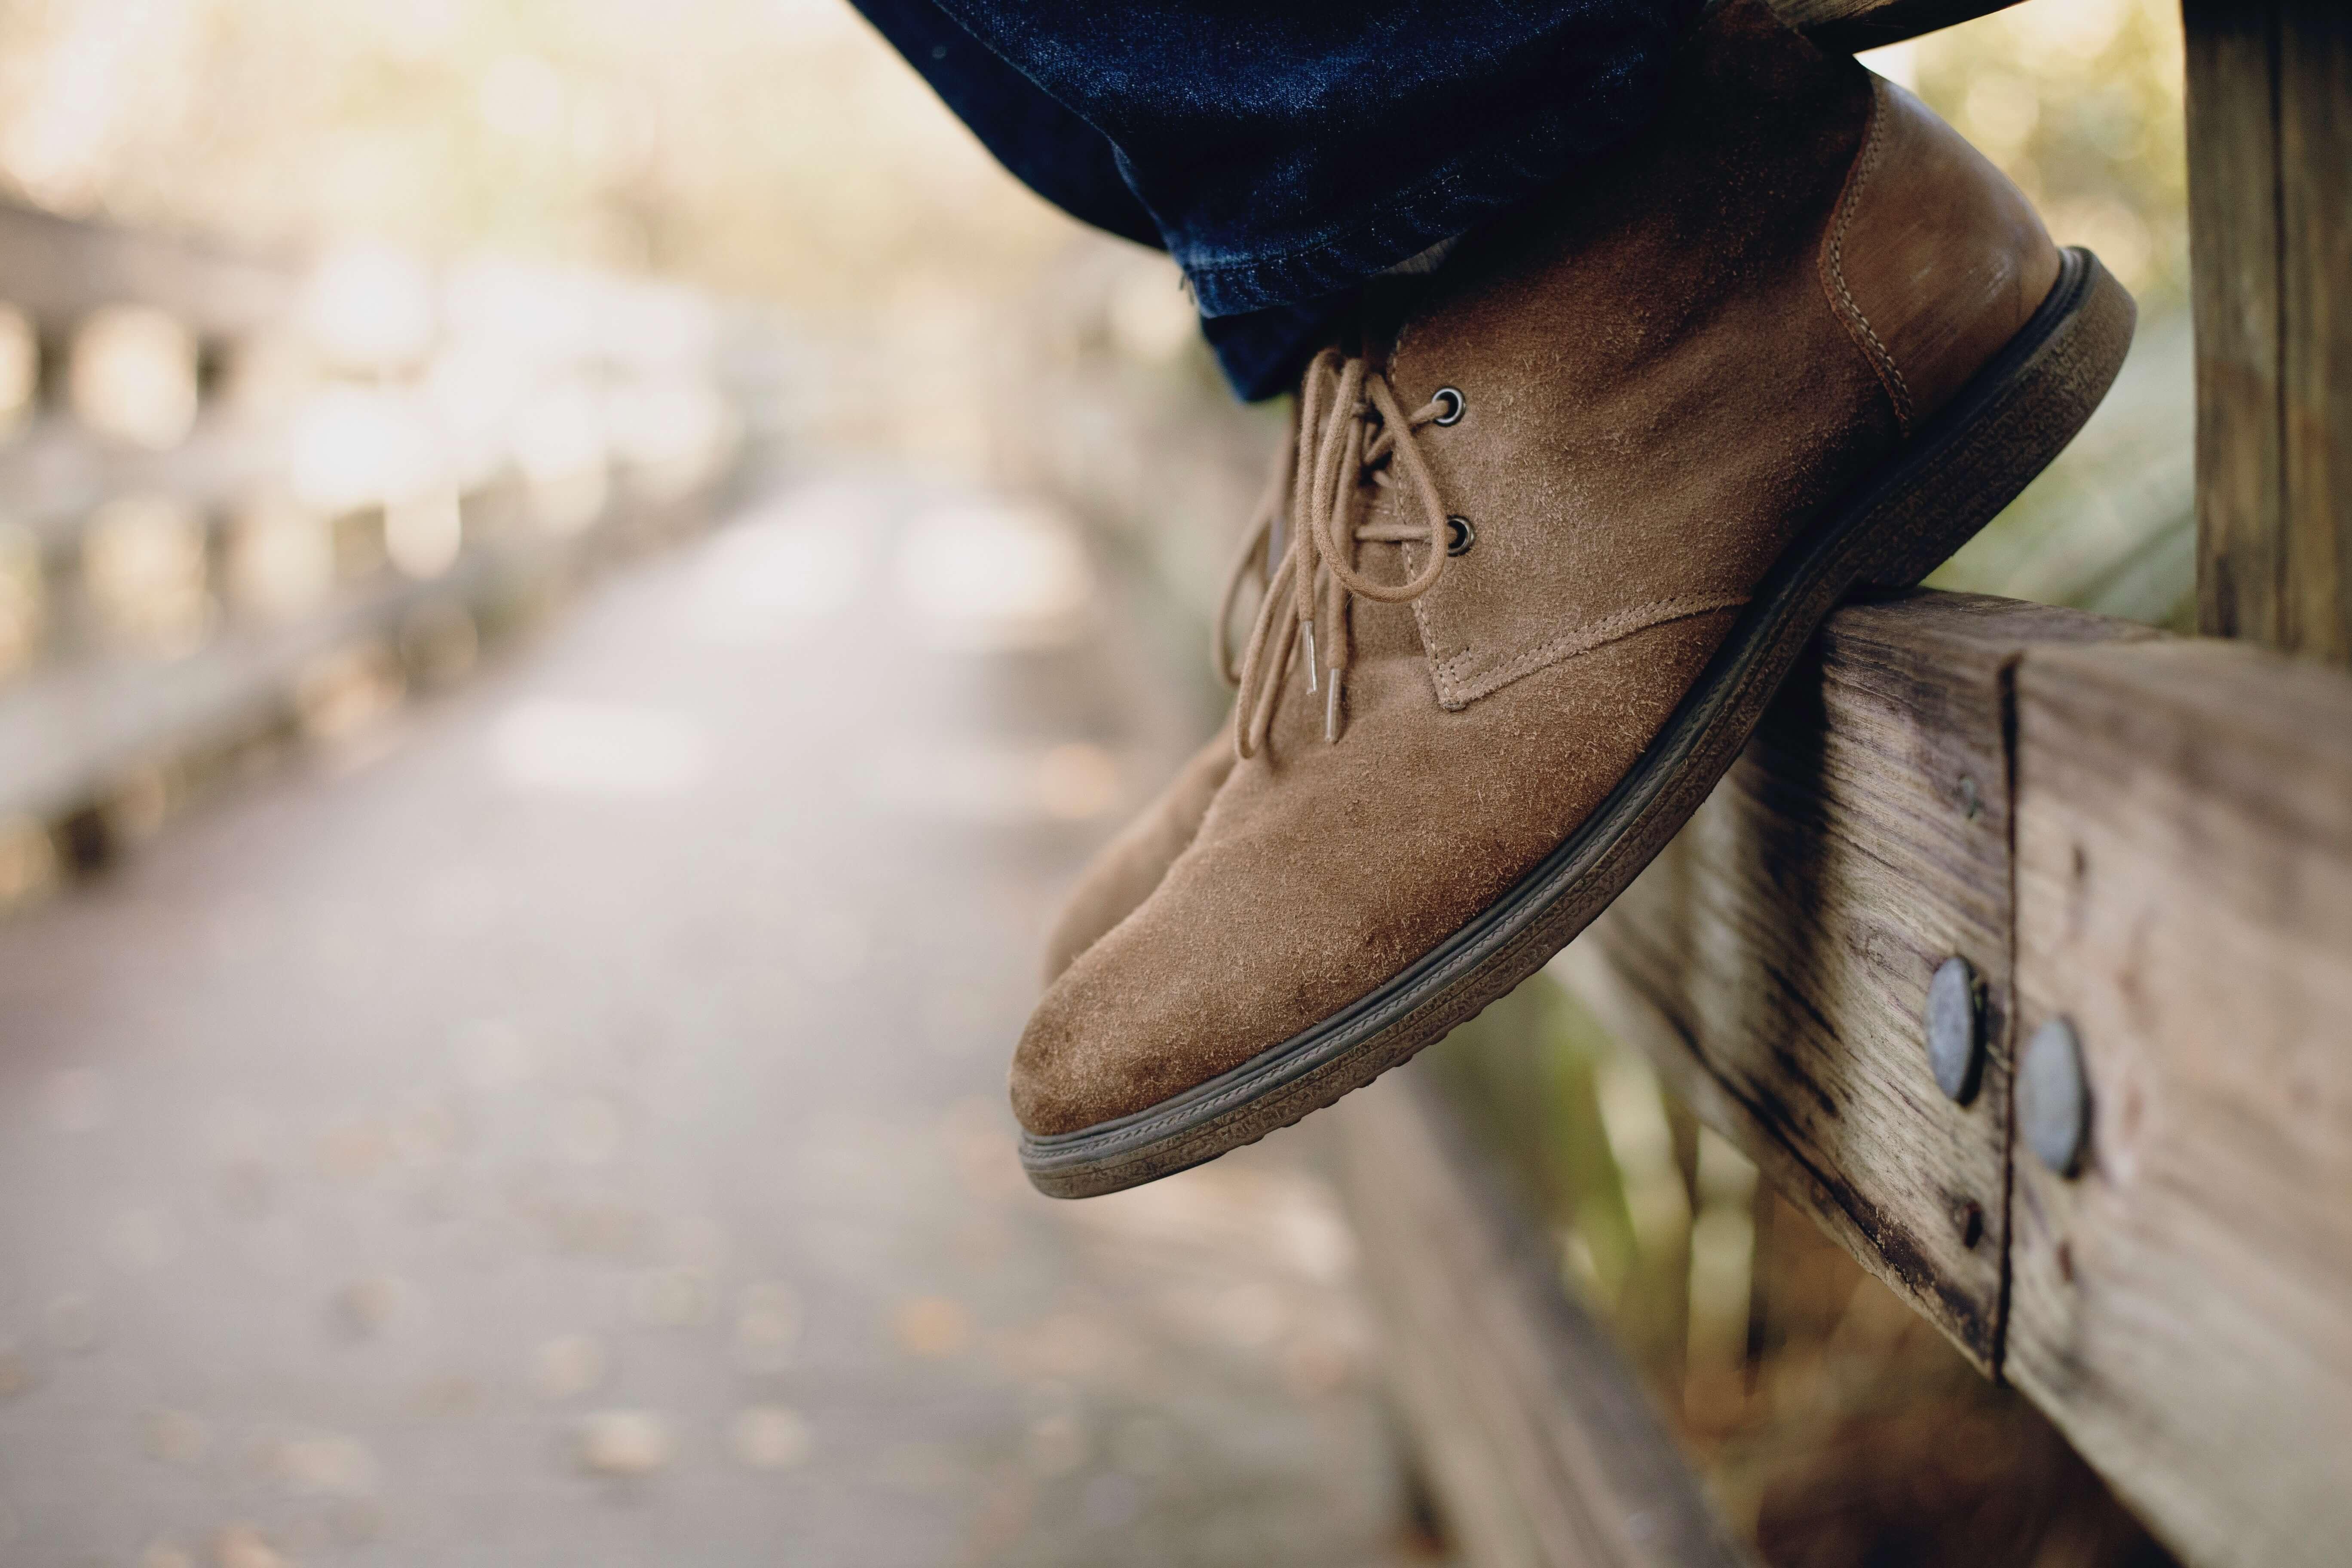 Ανδρικά μποτάκια – όλα όσα πρέπει να γνωρίζεις